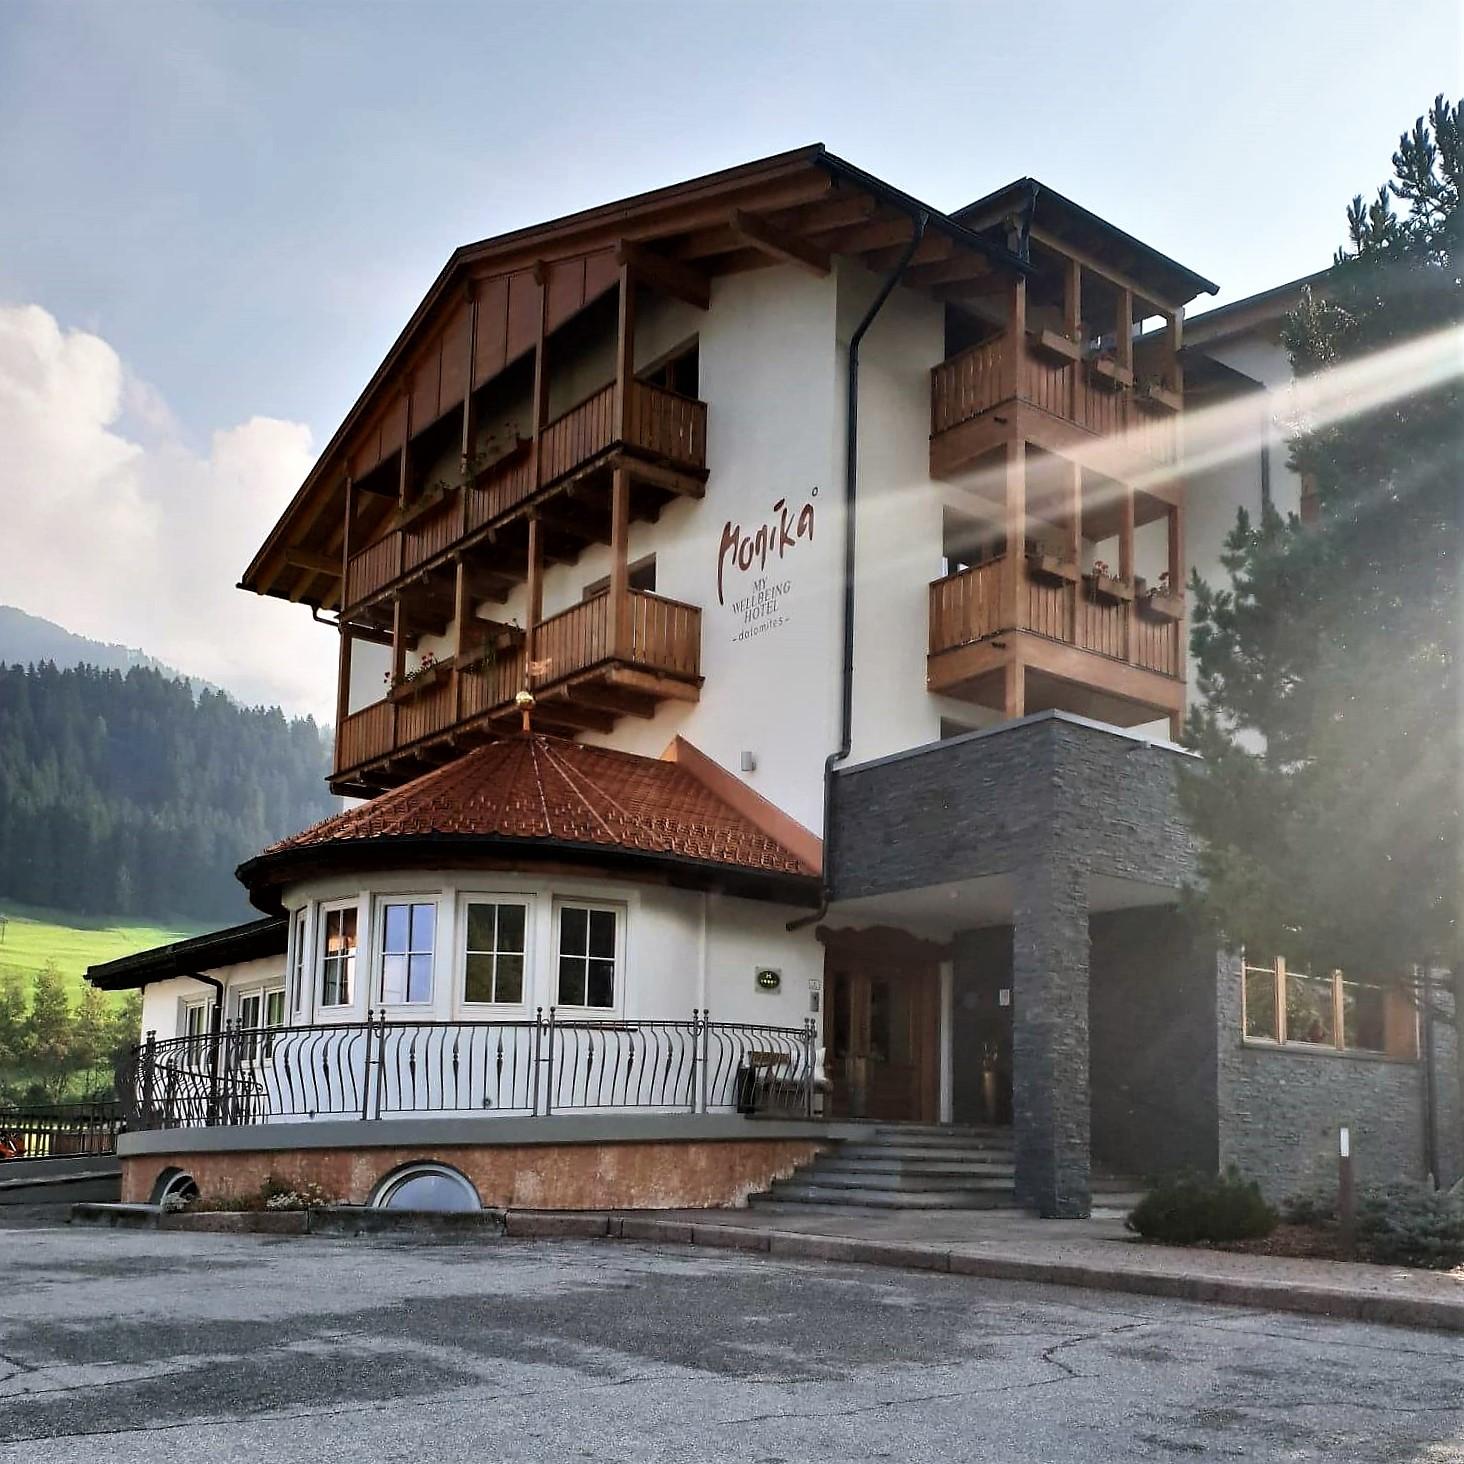 Hotel Monika - Dolomites